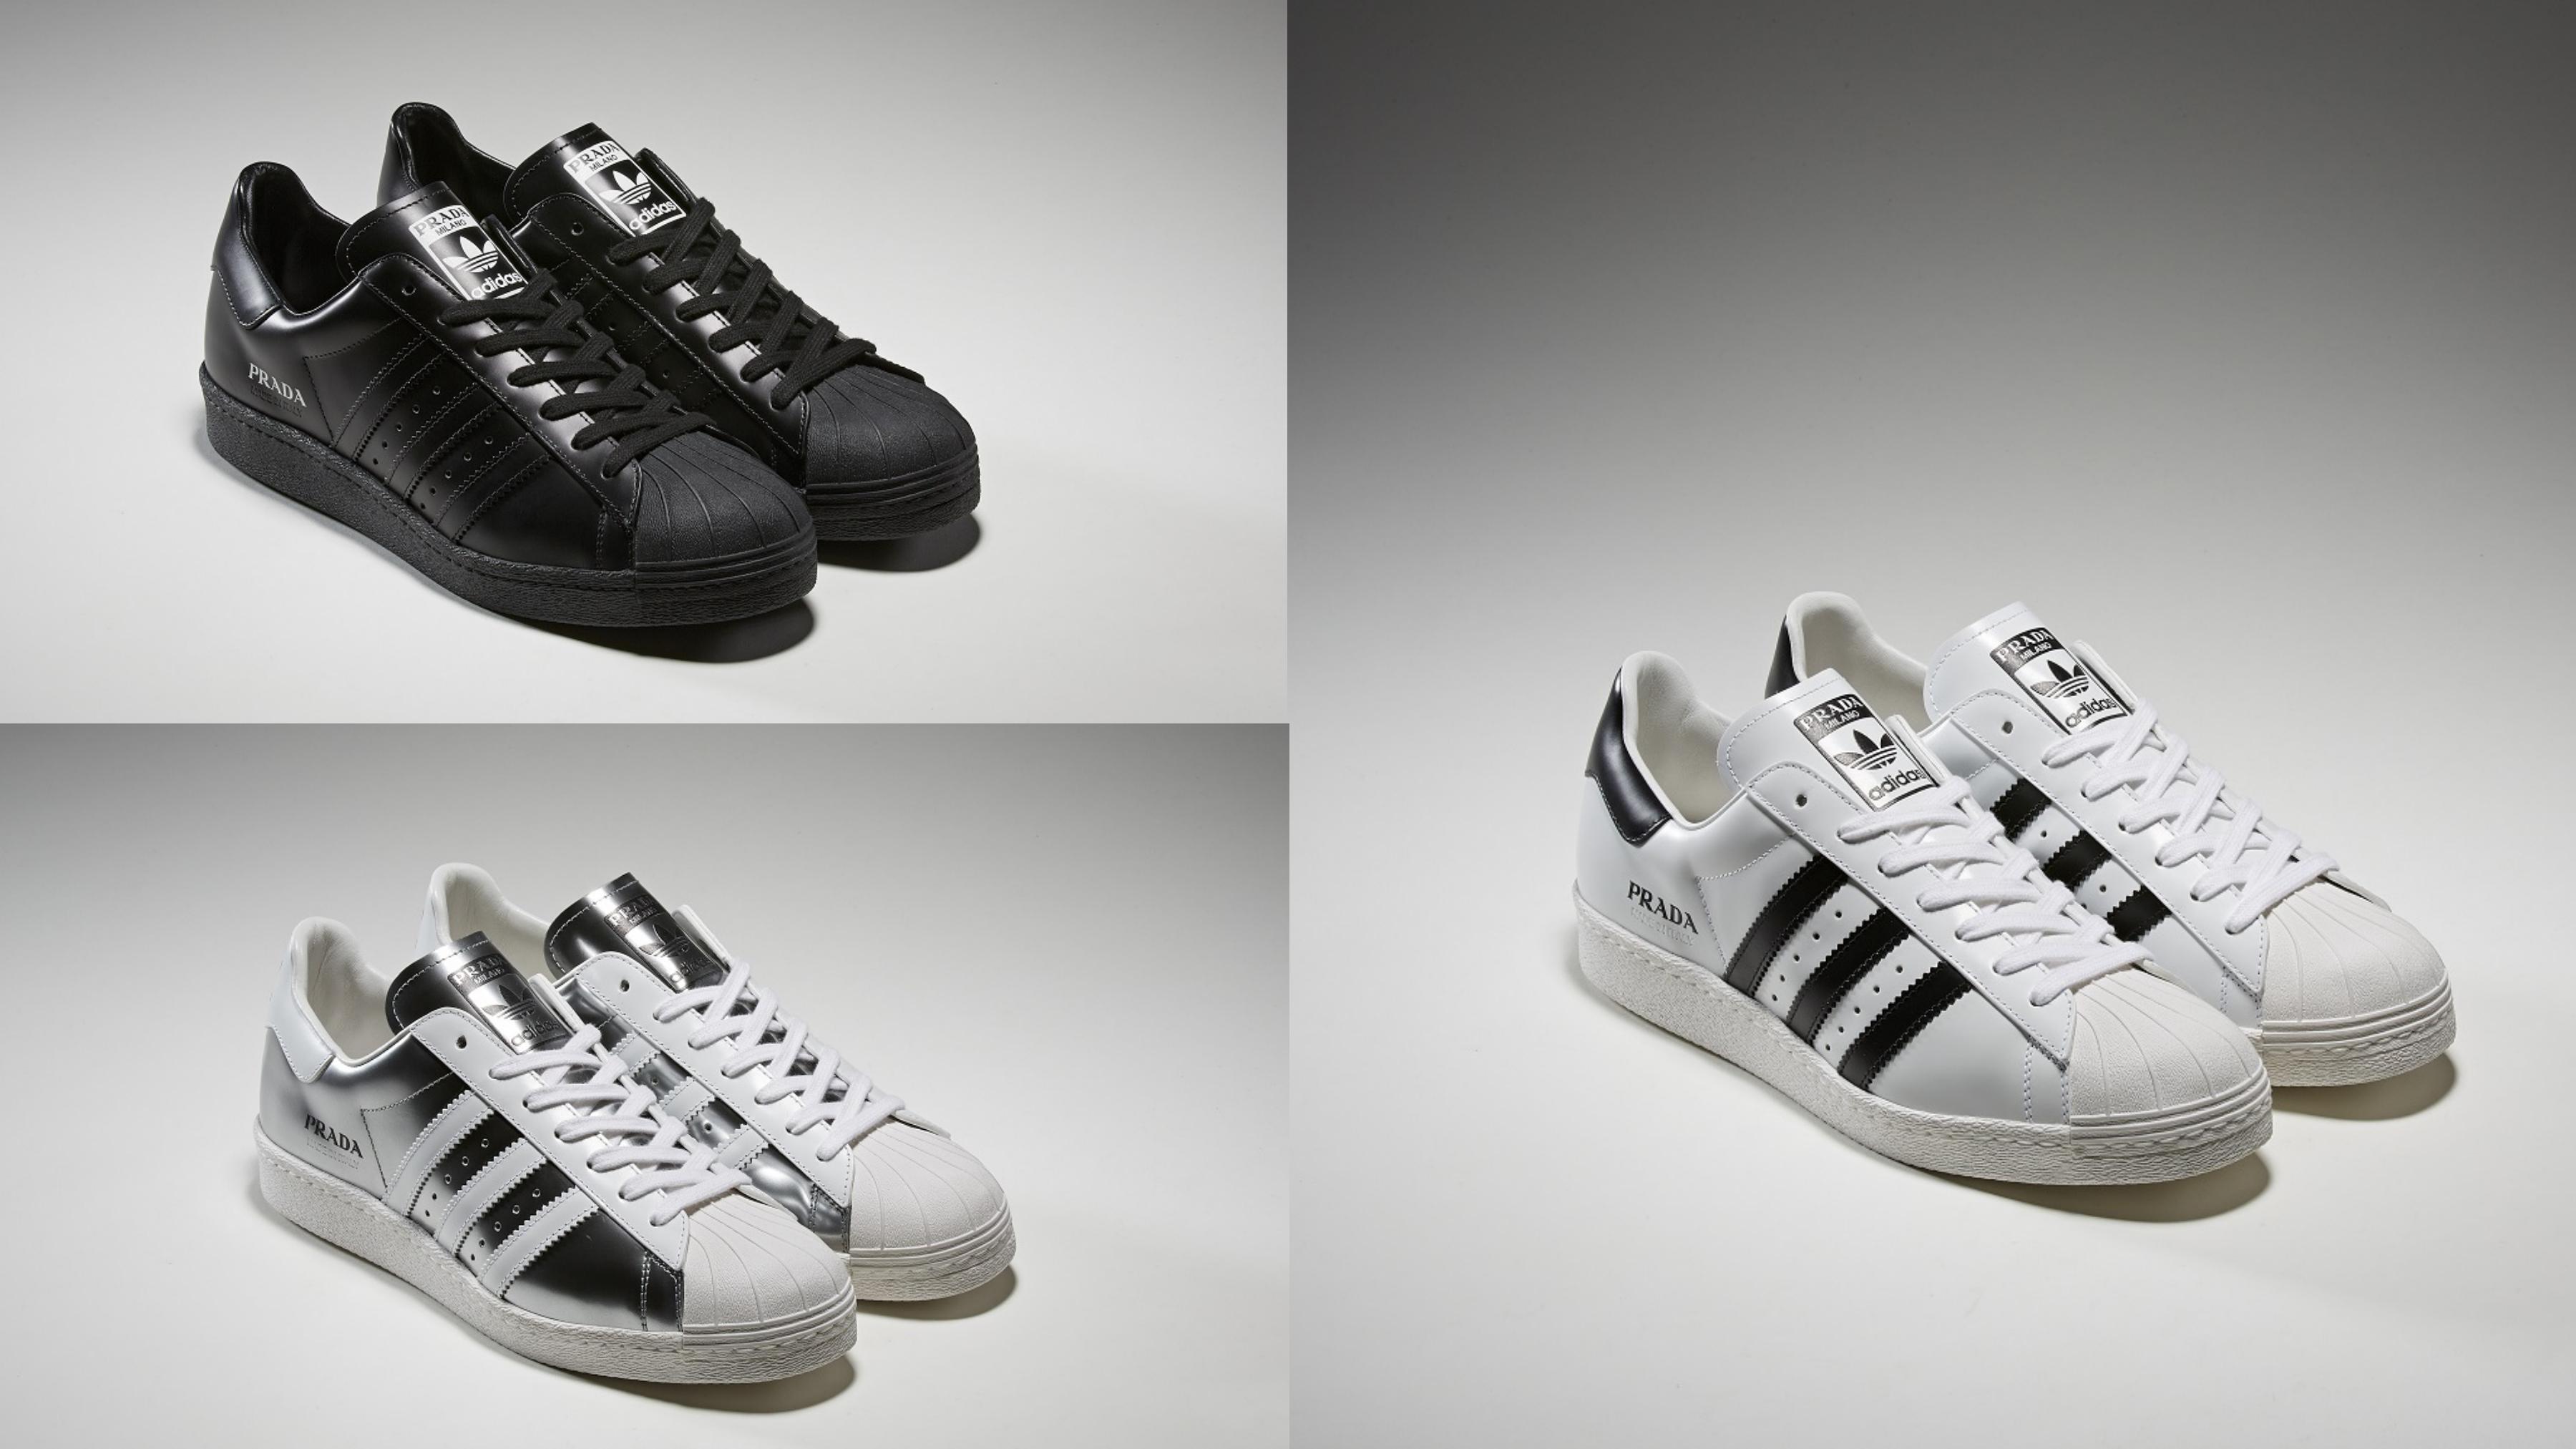 全新 Superstar聯名系列以三款優雅色系問世:質感純黑、經典黑白與時尚銀白